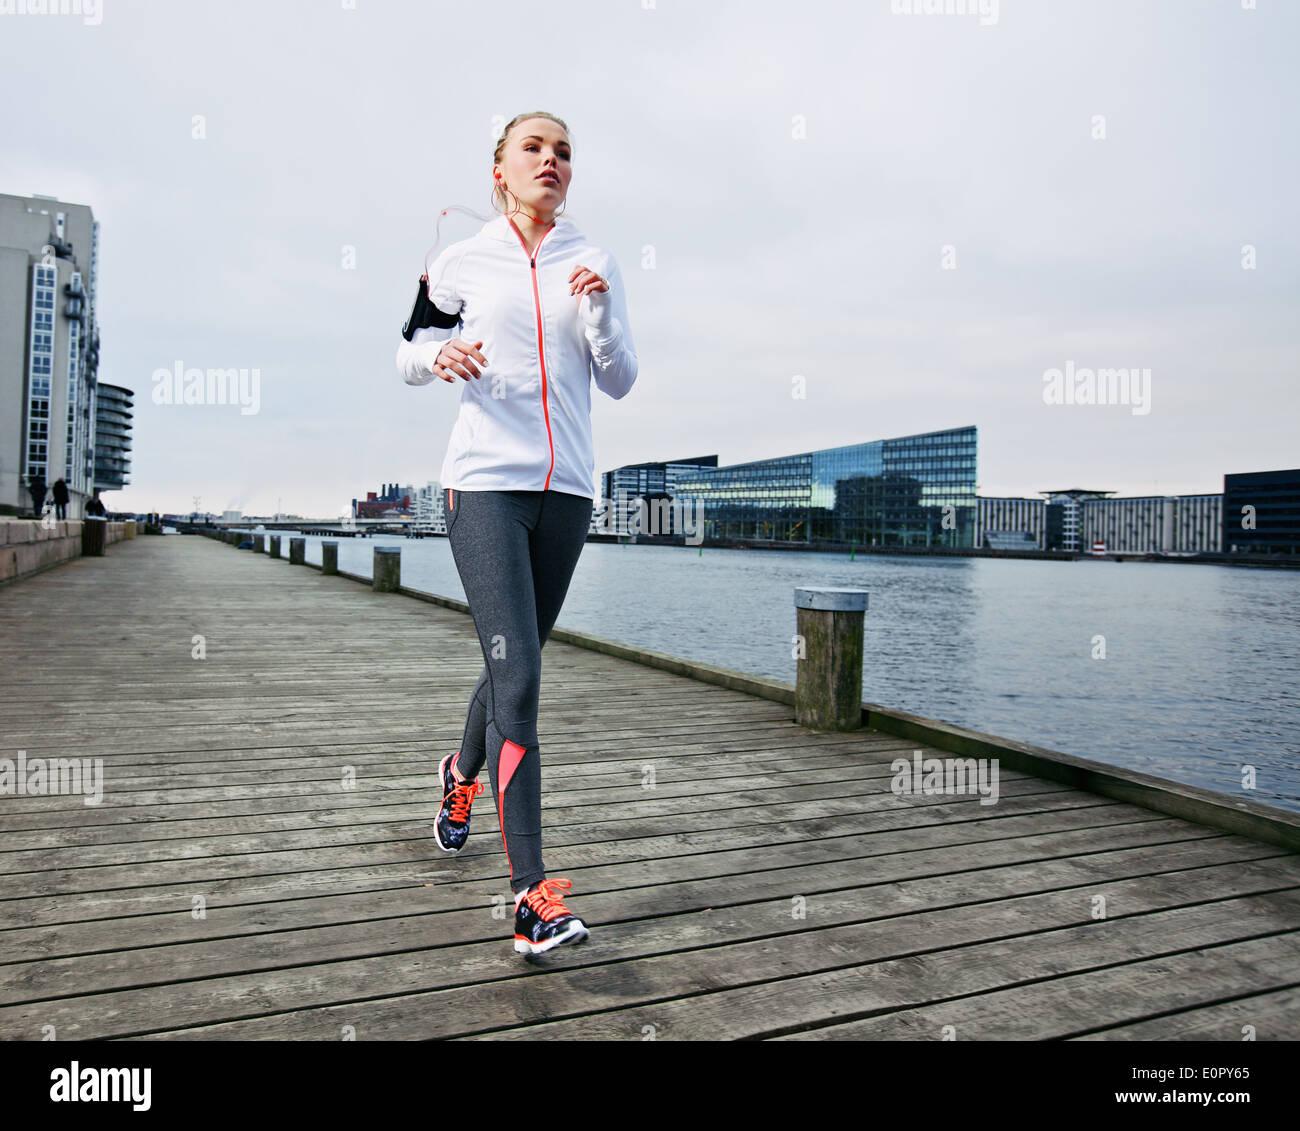 Corredoras formación fuera. La atleta femenina caucásica trotar en el Boardwalk a lo largo de río en la ciudad. Colocar joven que trabaja. Imagen De Stock